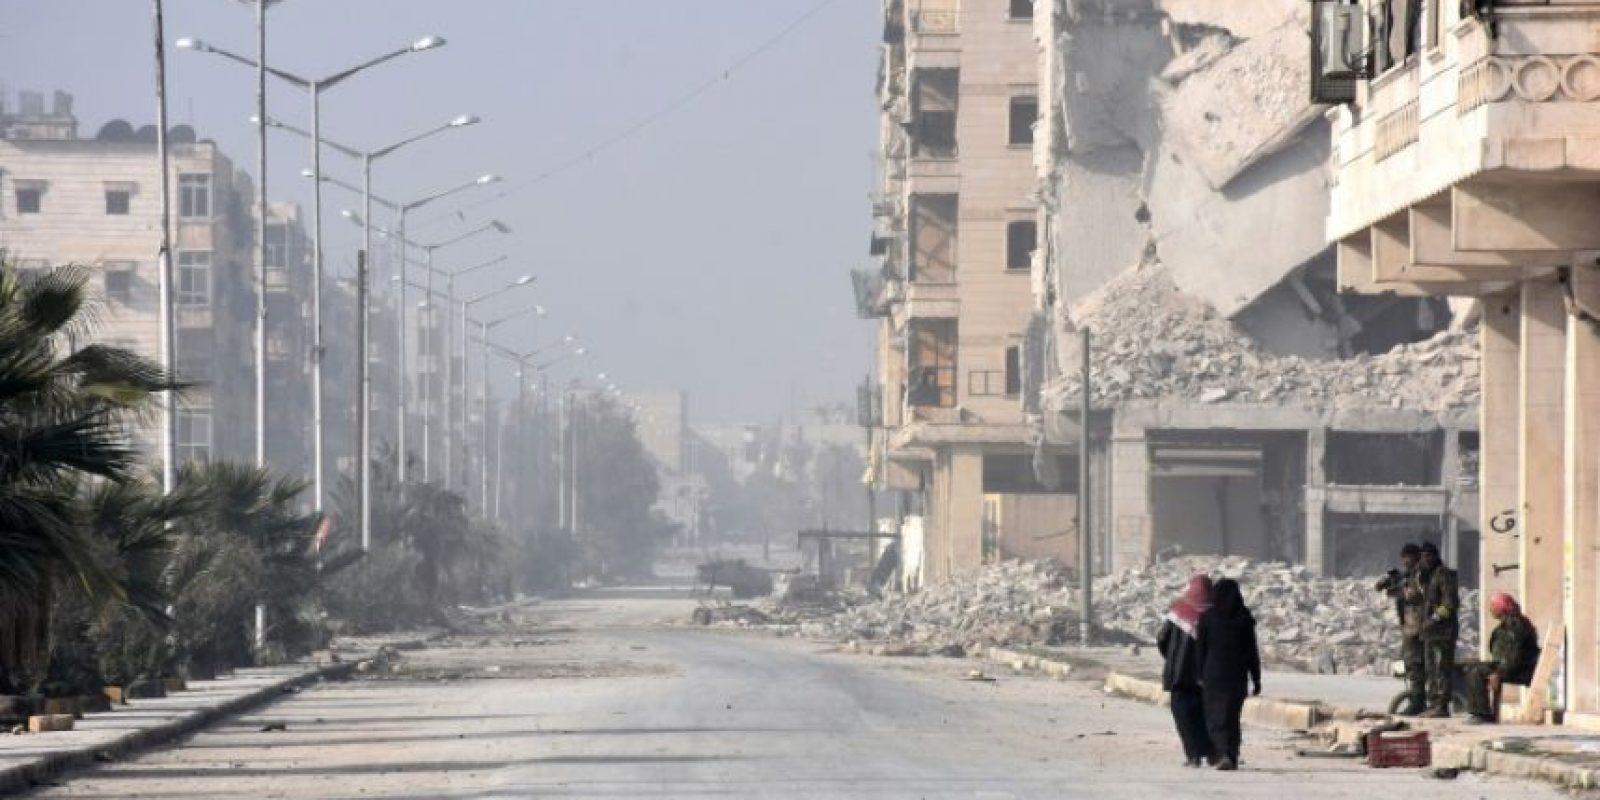 Civiles sirios se acercan a un puesto de control de las fuerzas progubernamentales tras salir de la zona de Alepo controlada por los rebeldes, en el este de la ciudad, el 10 de diciembre de 2016 Foto:George Ourfalian/afp.com